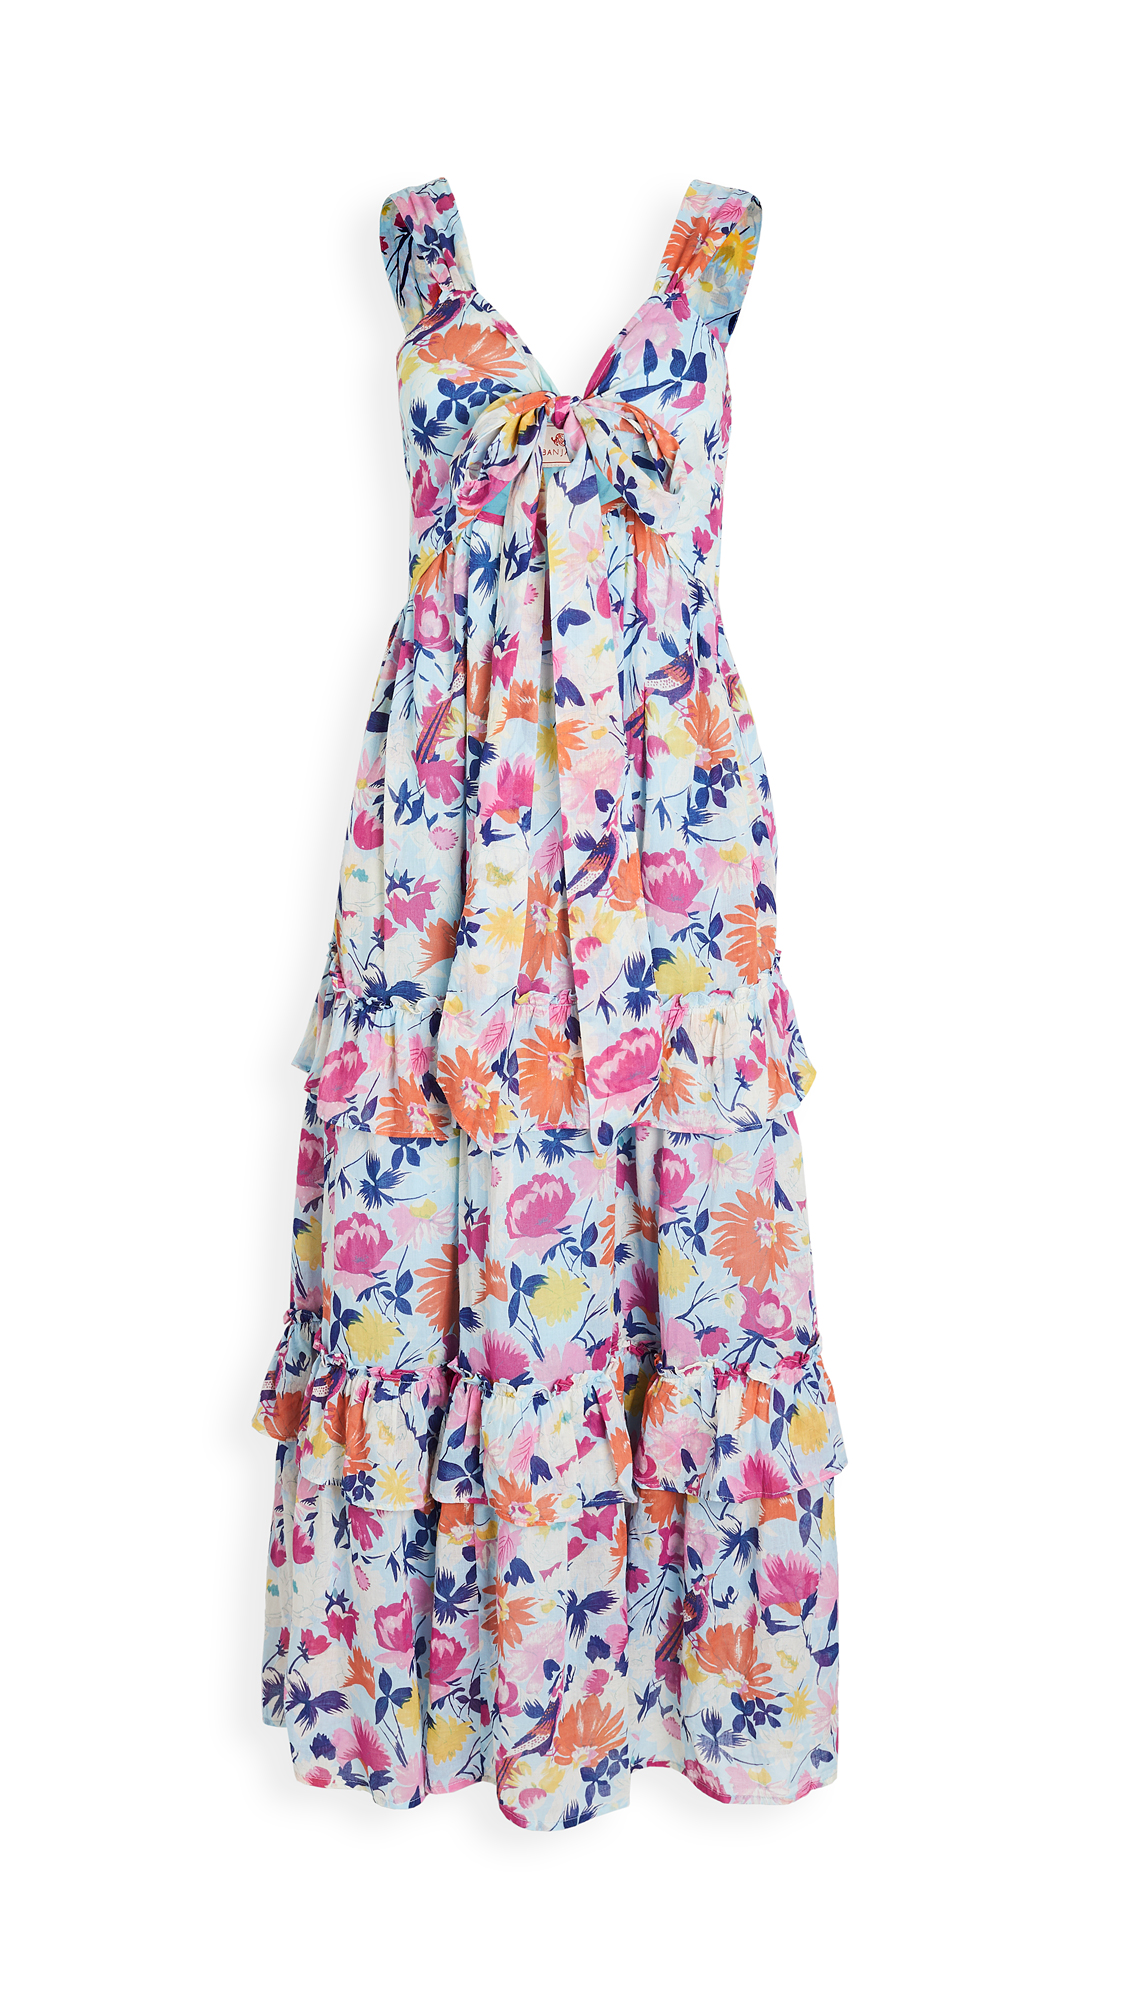 Banjanan Serafina Dress